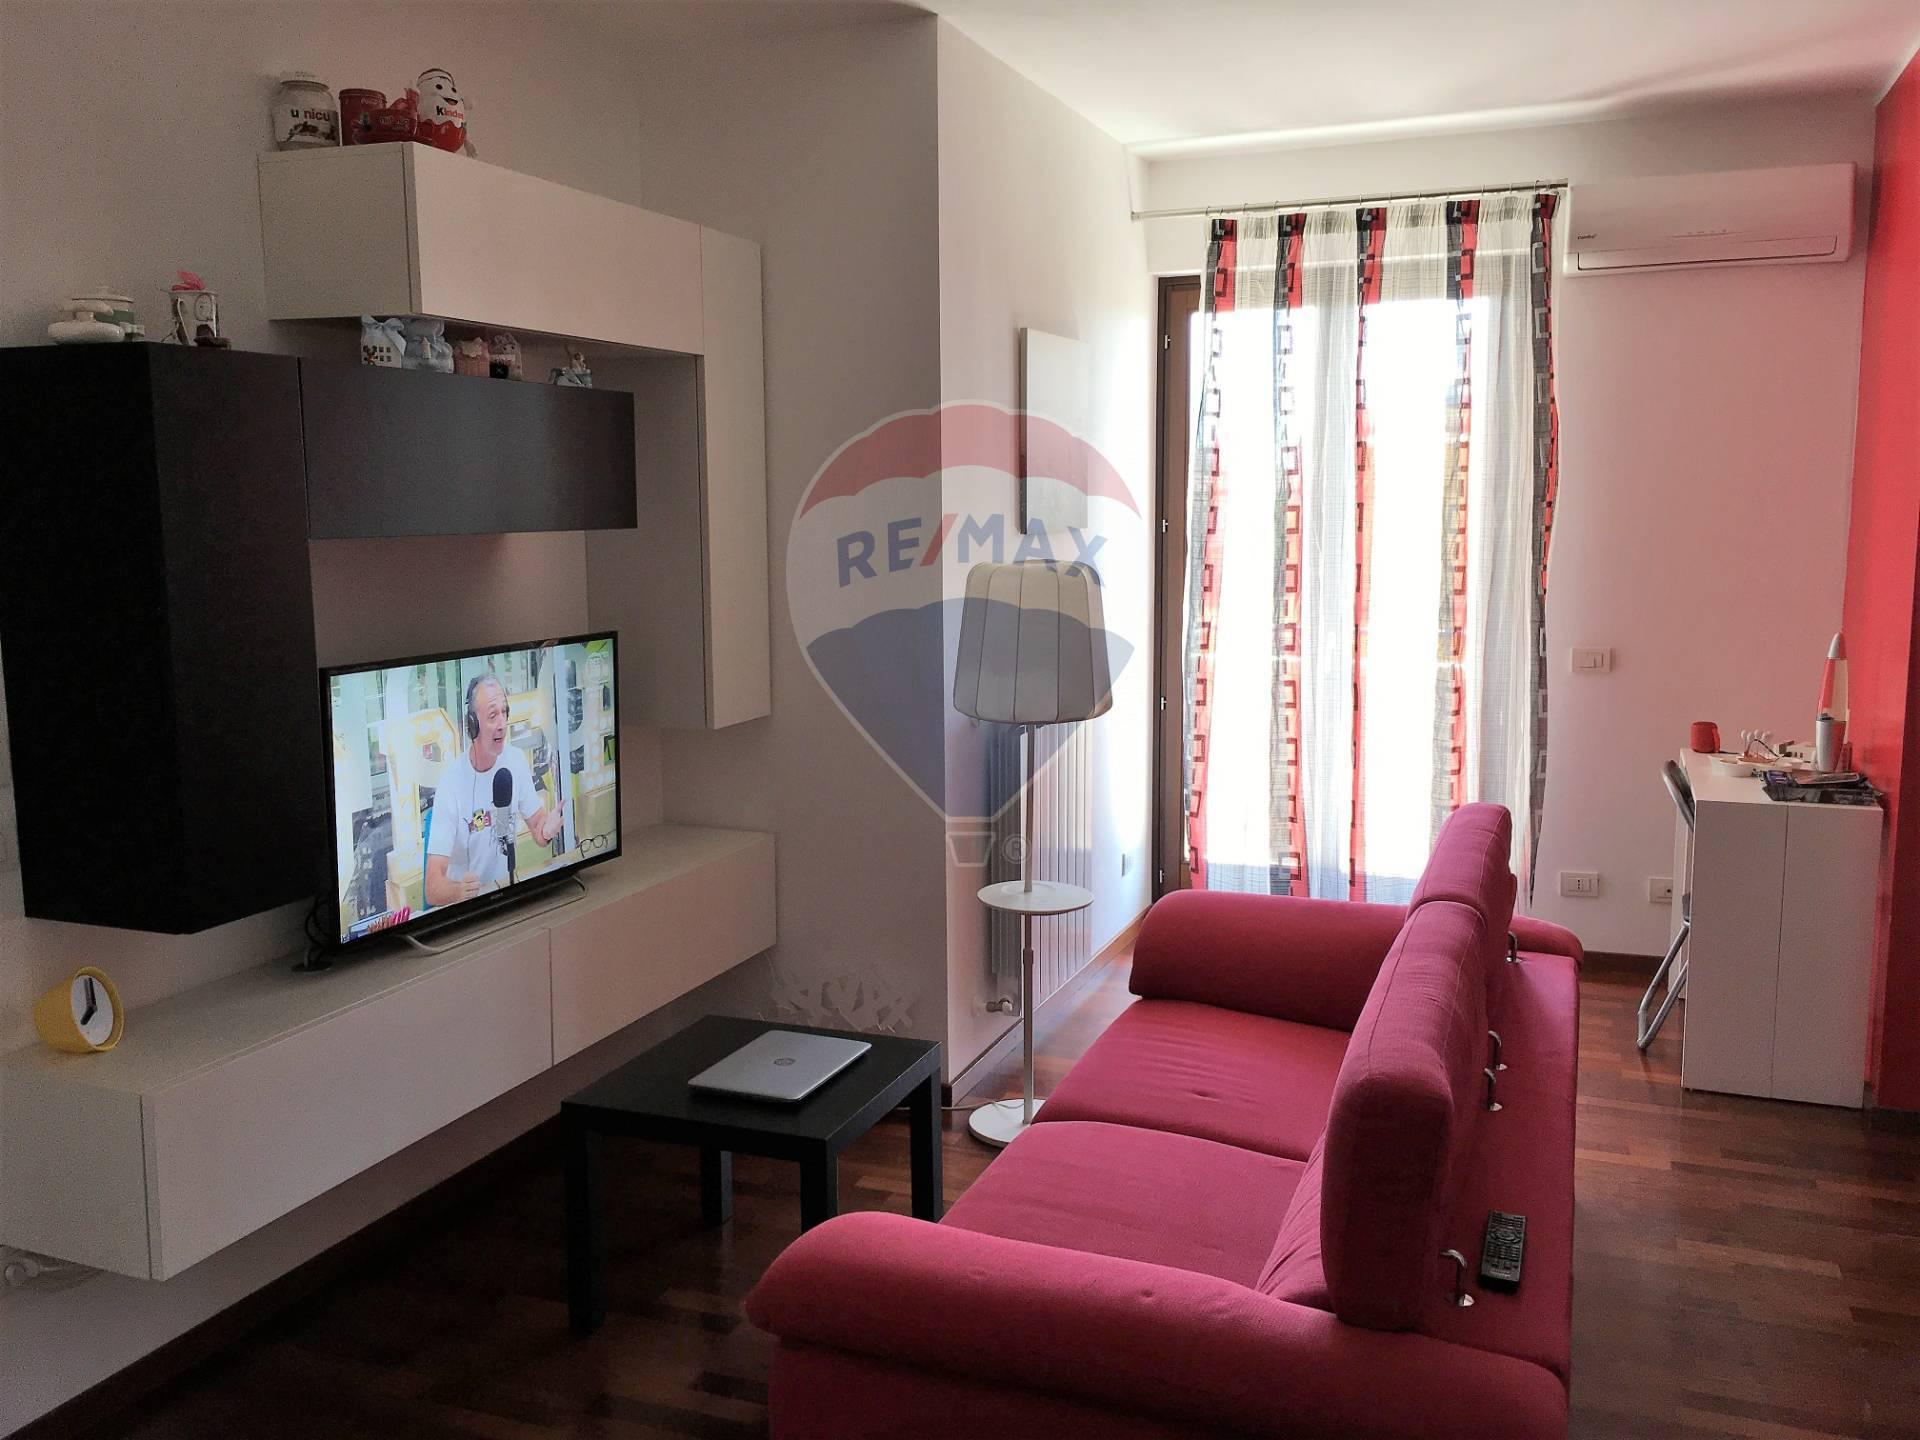 Appartamento in vendita a Modica, 5 locali, zona Località: ModicaSorda, prezzo € 95.000   CambioCasa.it